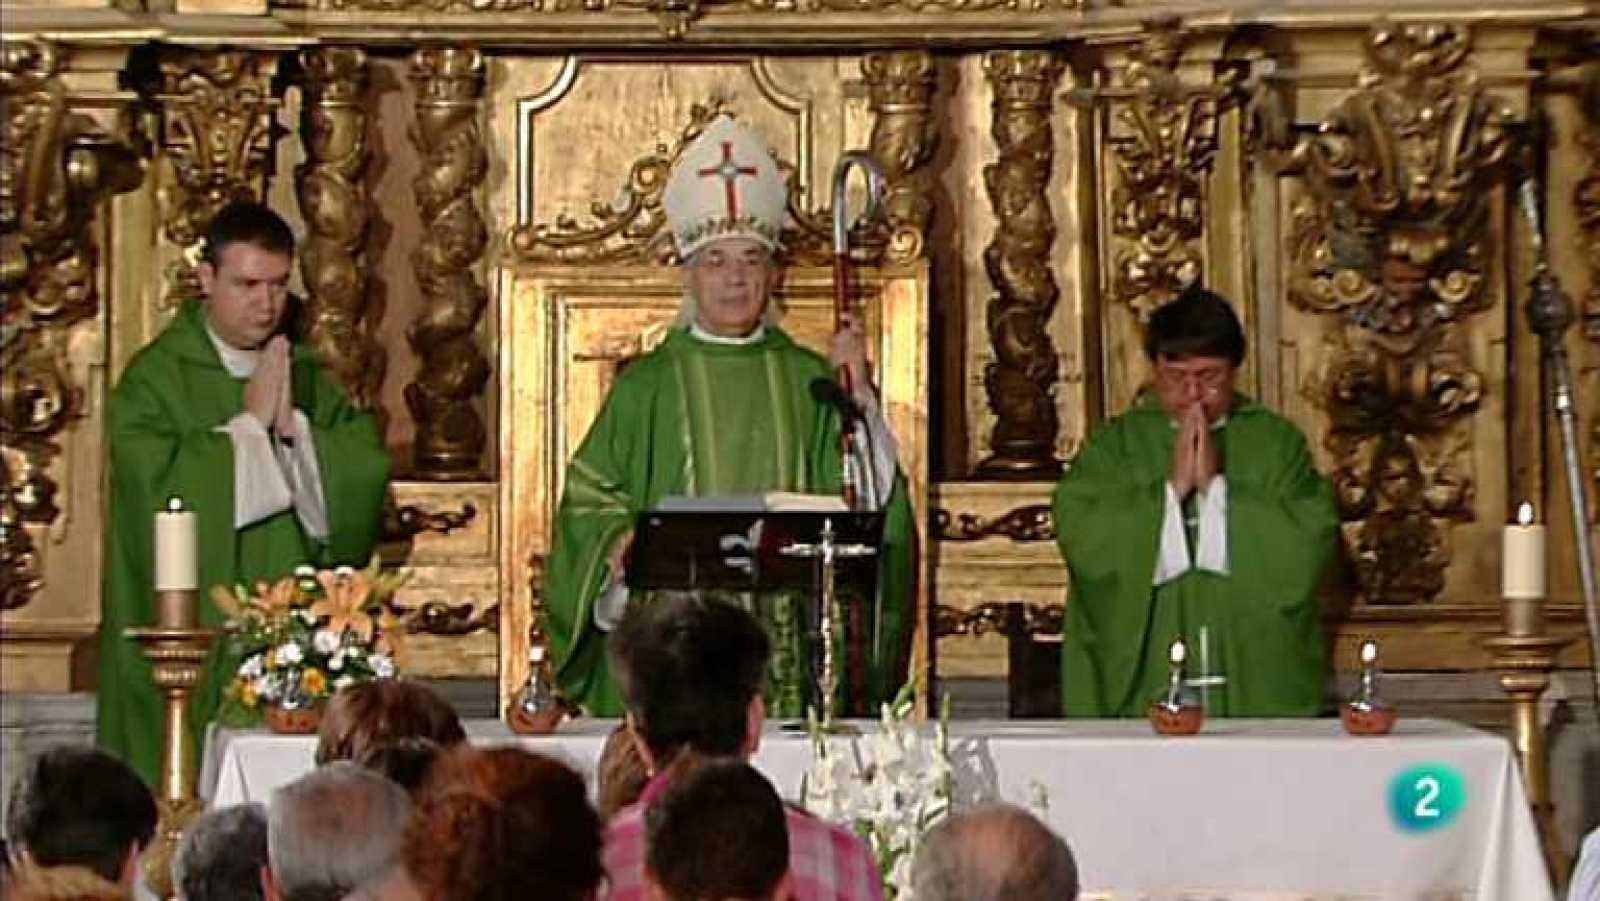 El día del Señor - Parroquia de San Sebastián (Cercedilla) - ver ahora